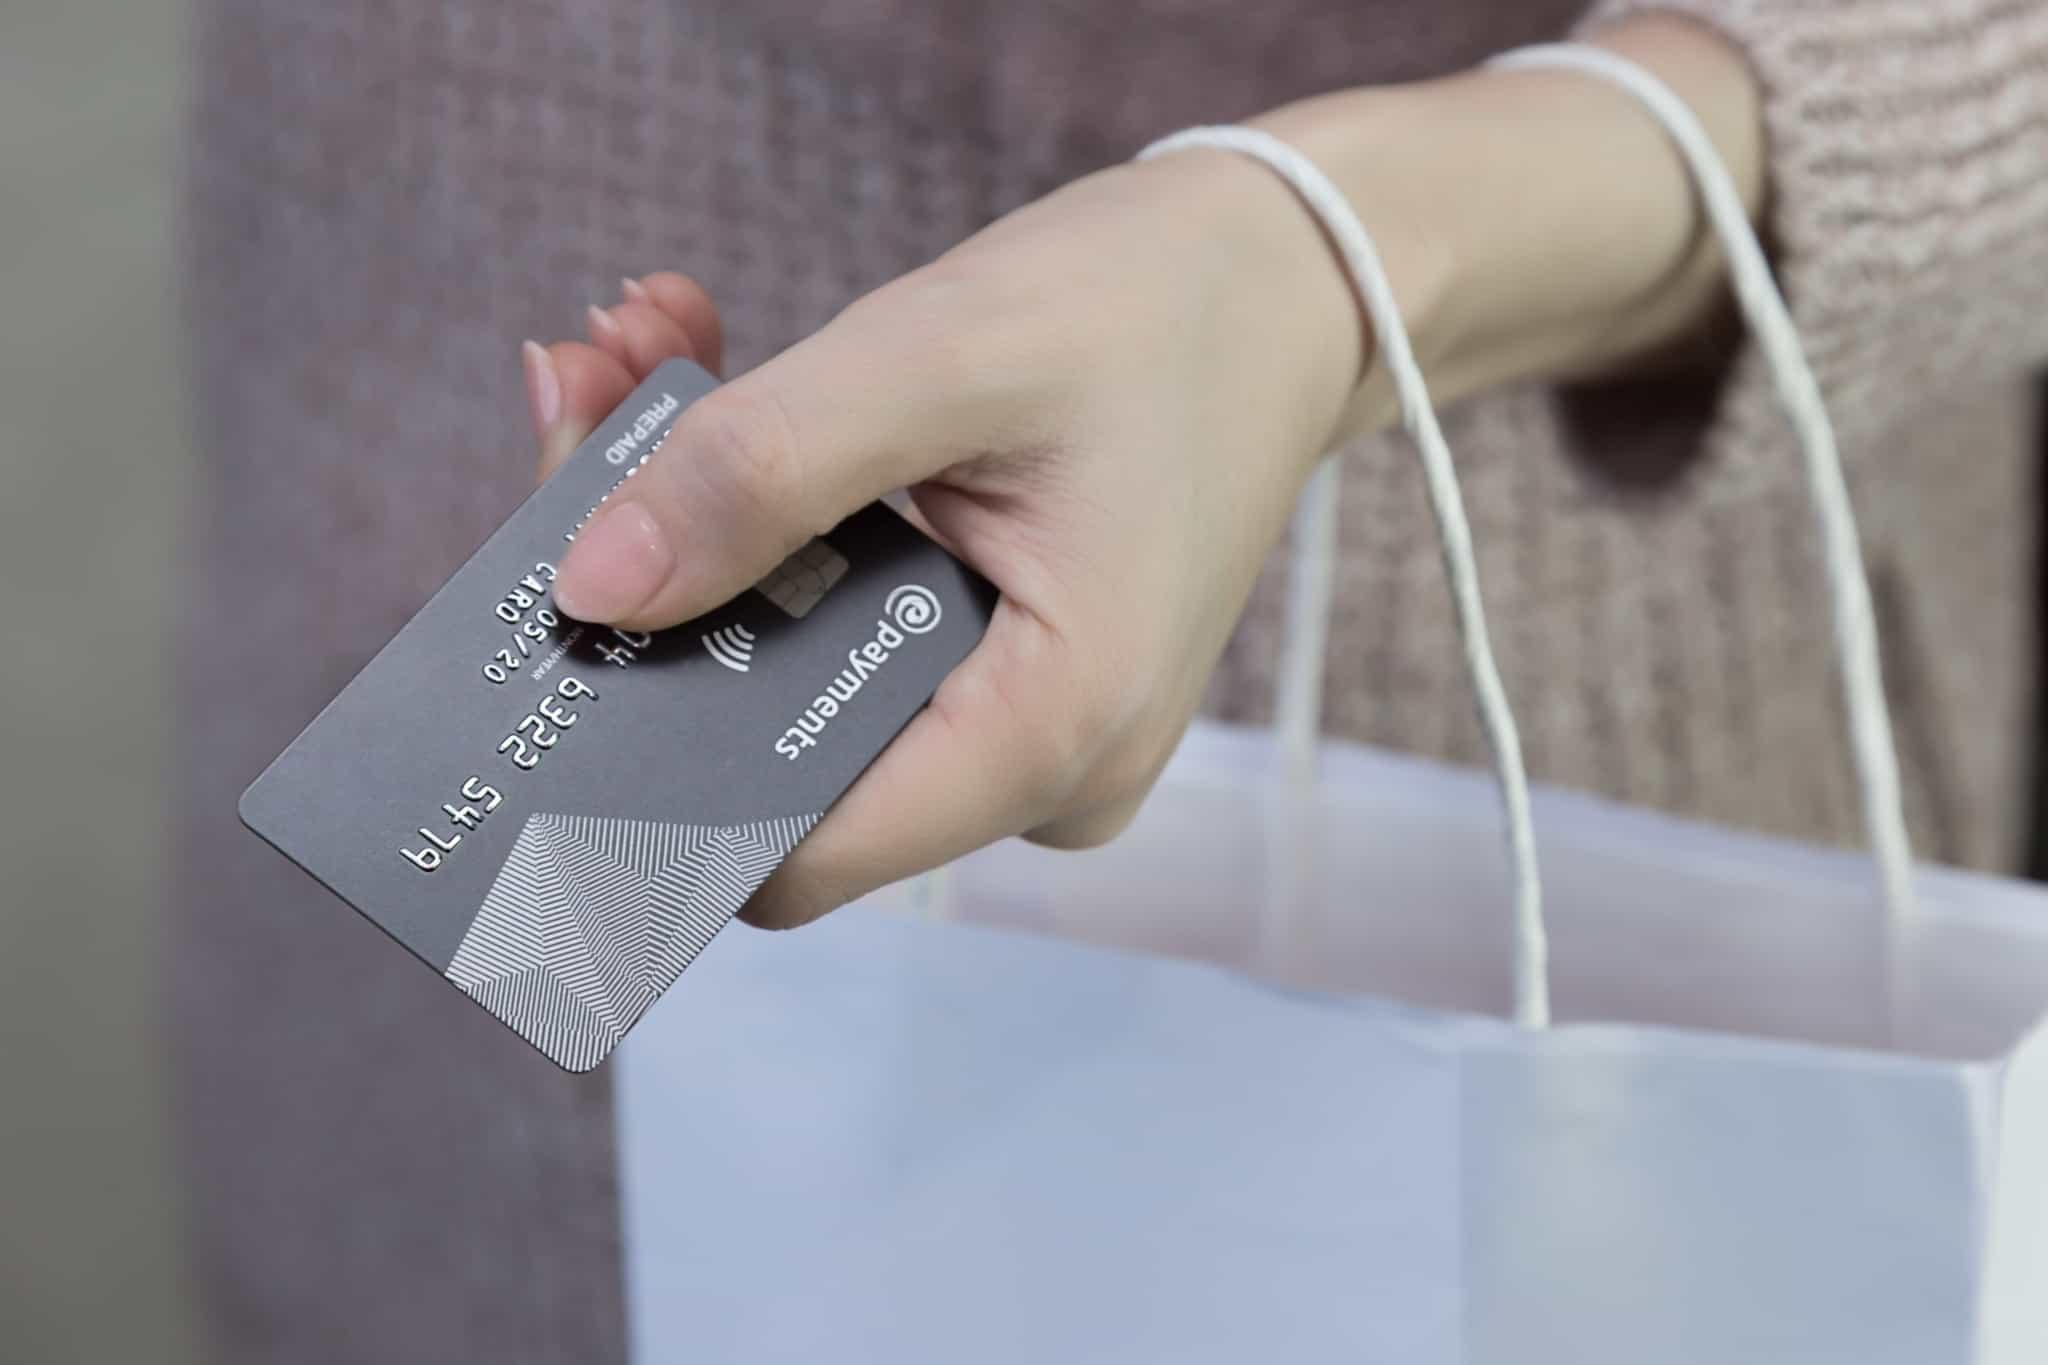 senhora a segurar o cartão de pagamentos na mão